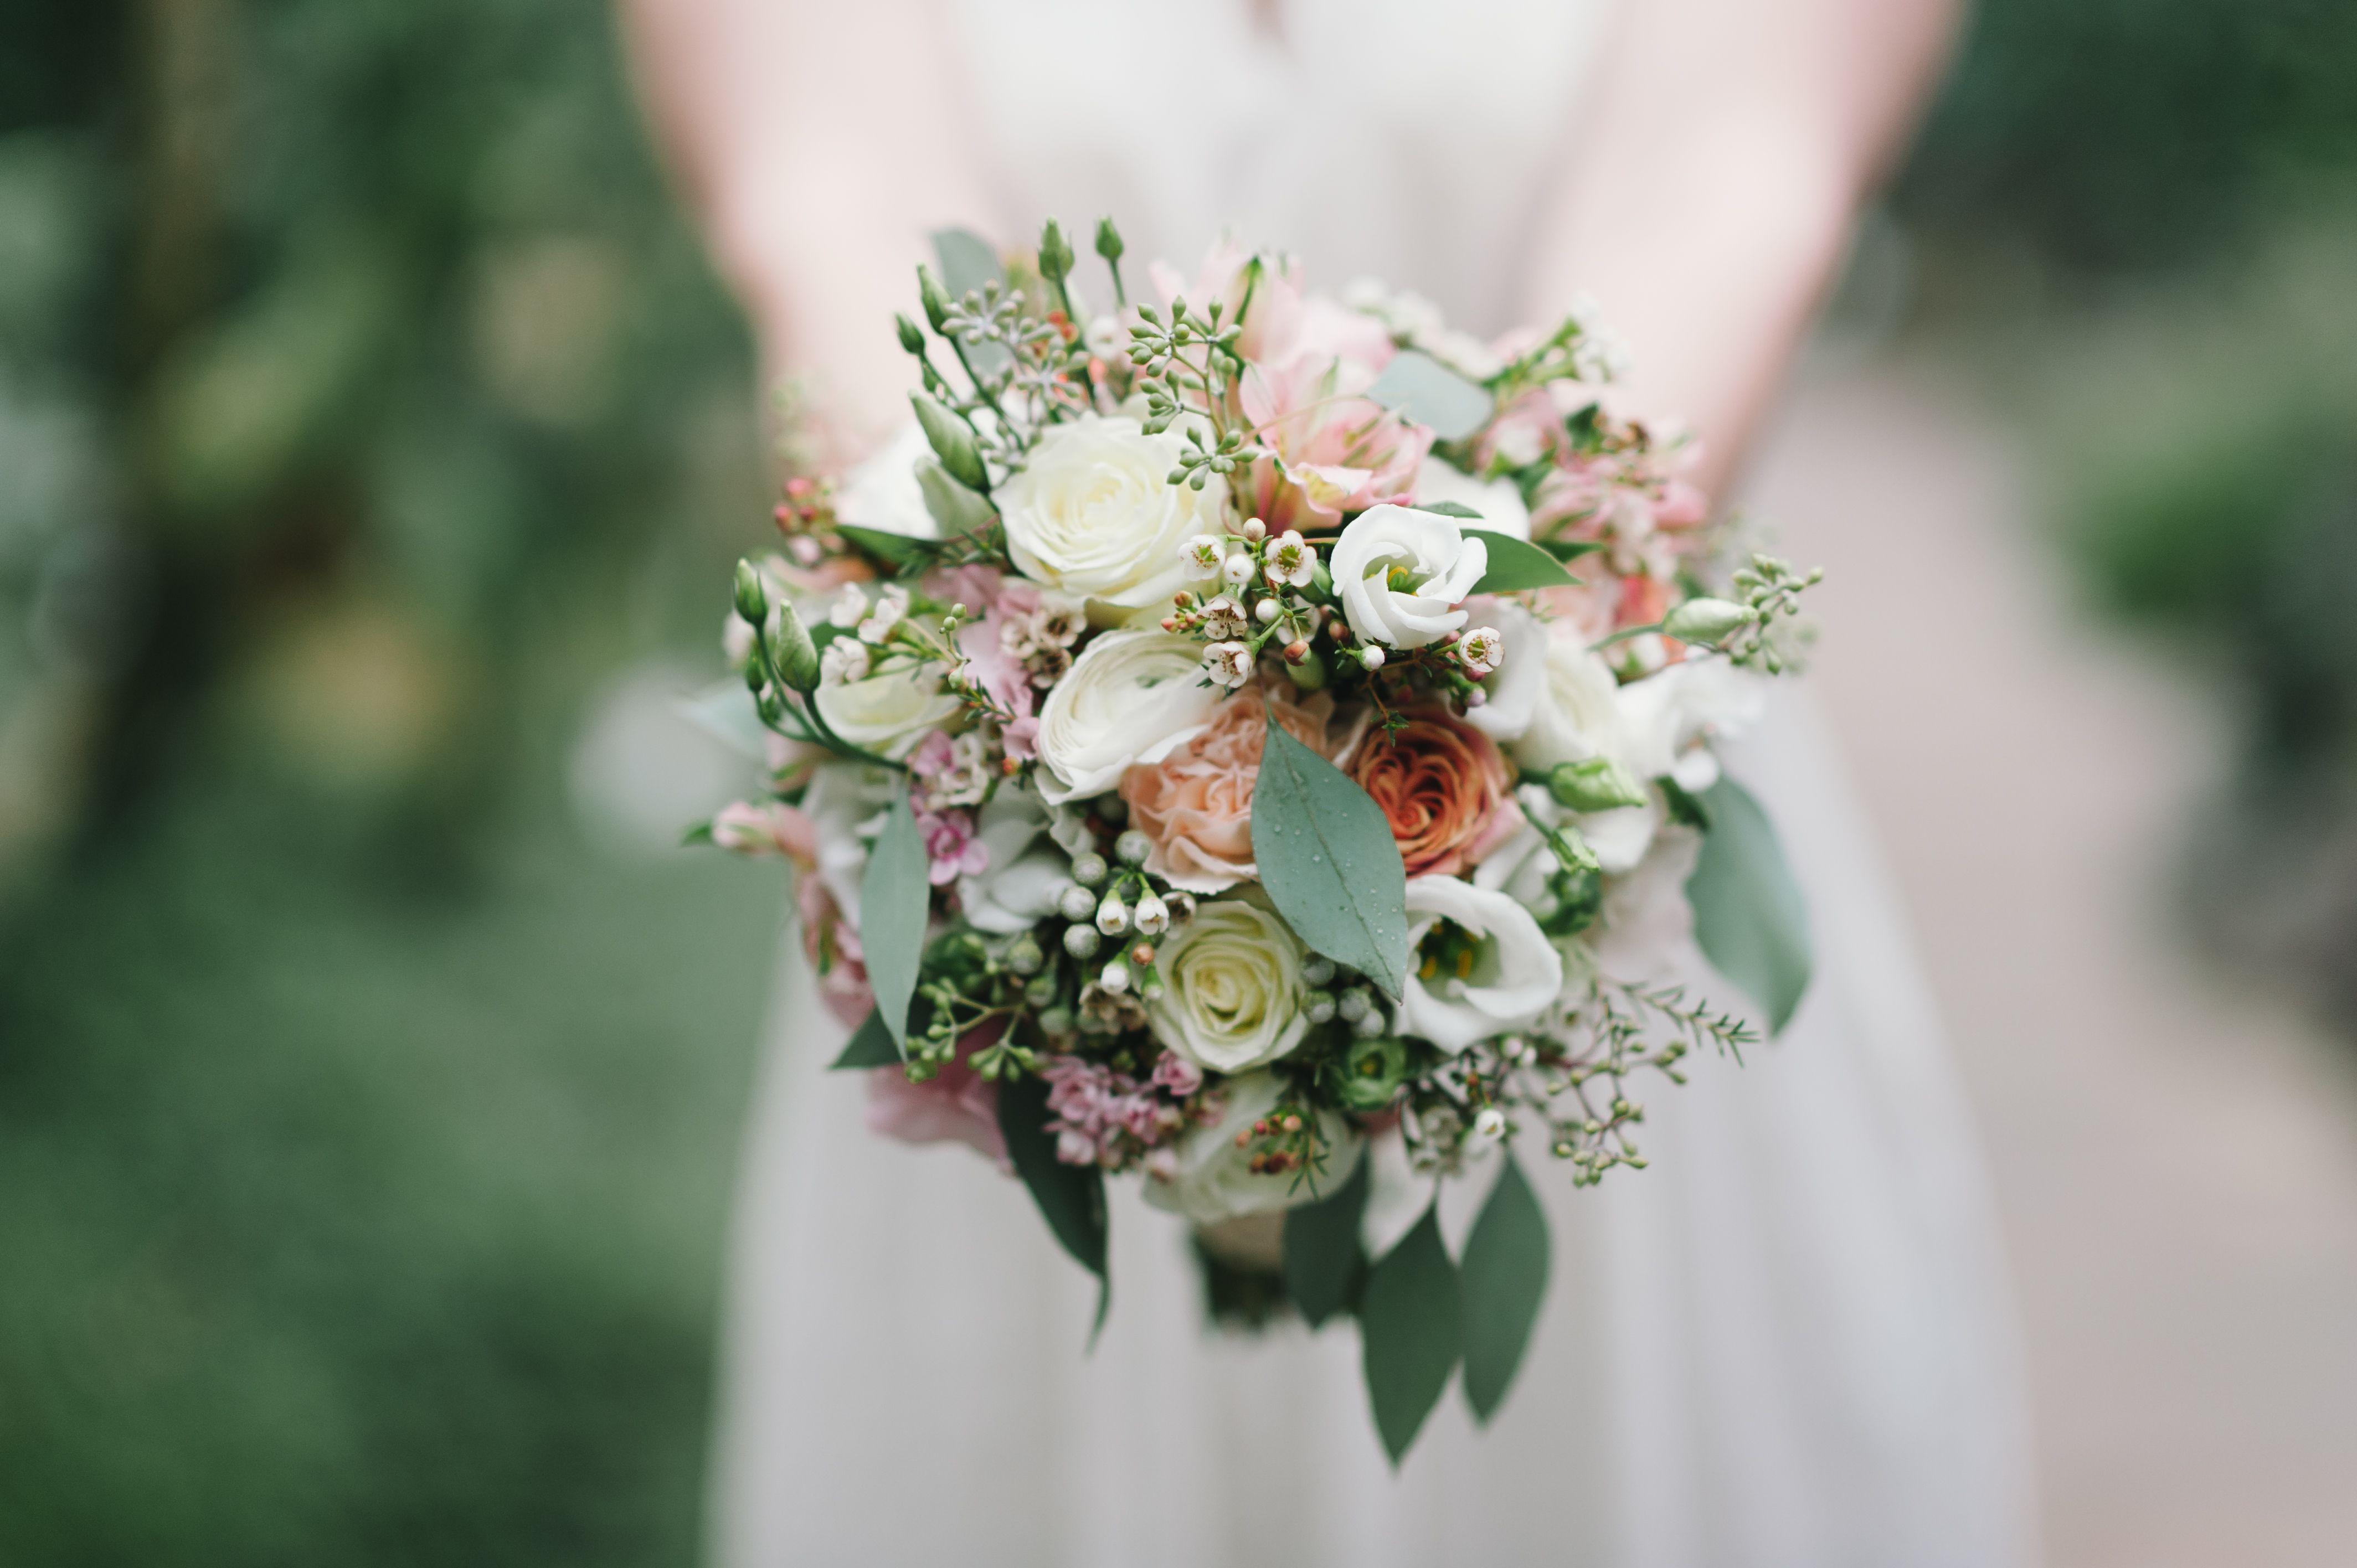 Romantik In Pastelltonen Ein Brautstrauss Mit Eucalyptus Und Sommerlichen Rosen Blumen Wildflo Blumenstrauss Hochzeit Brautstrauss Blumen Brautstrauss Vintage